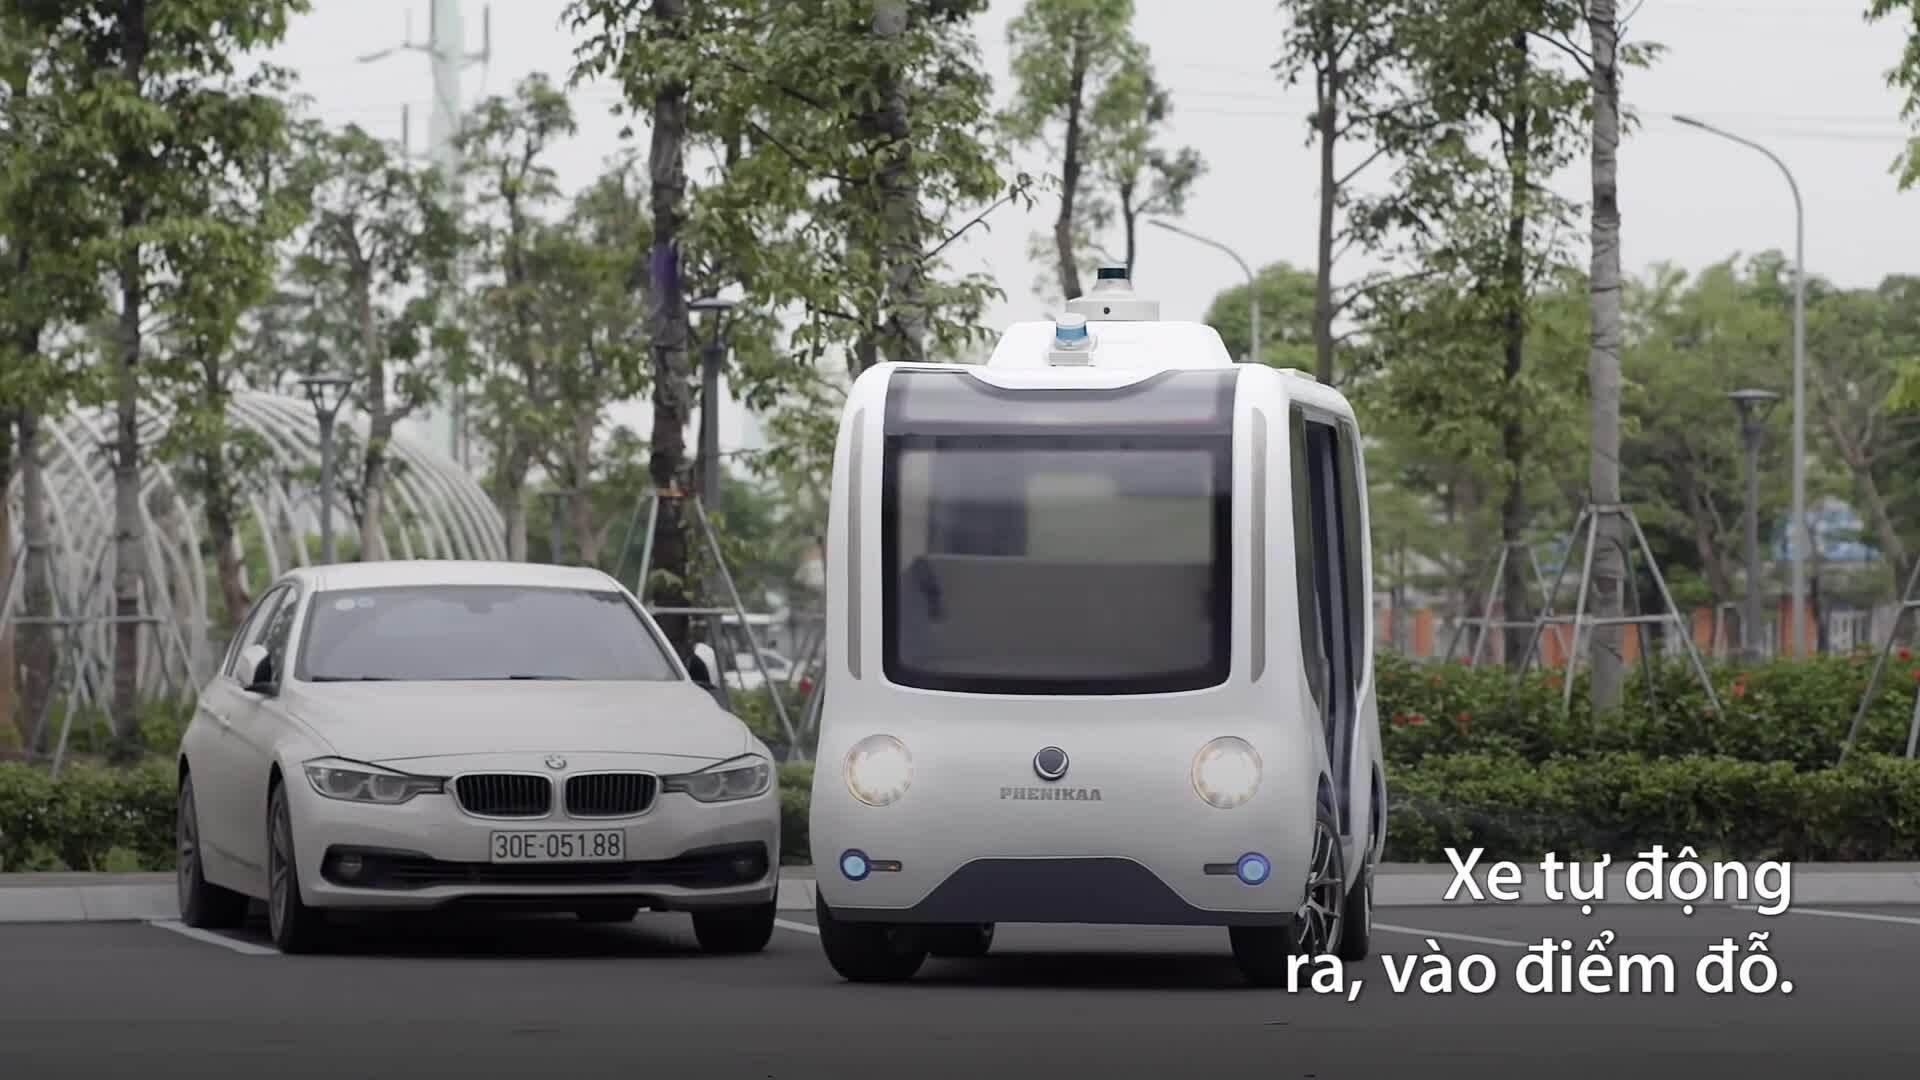 Xe điện tự hành do người Việt nghiên cứu